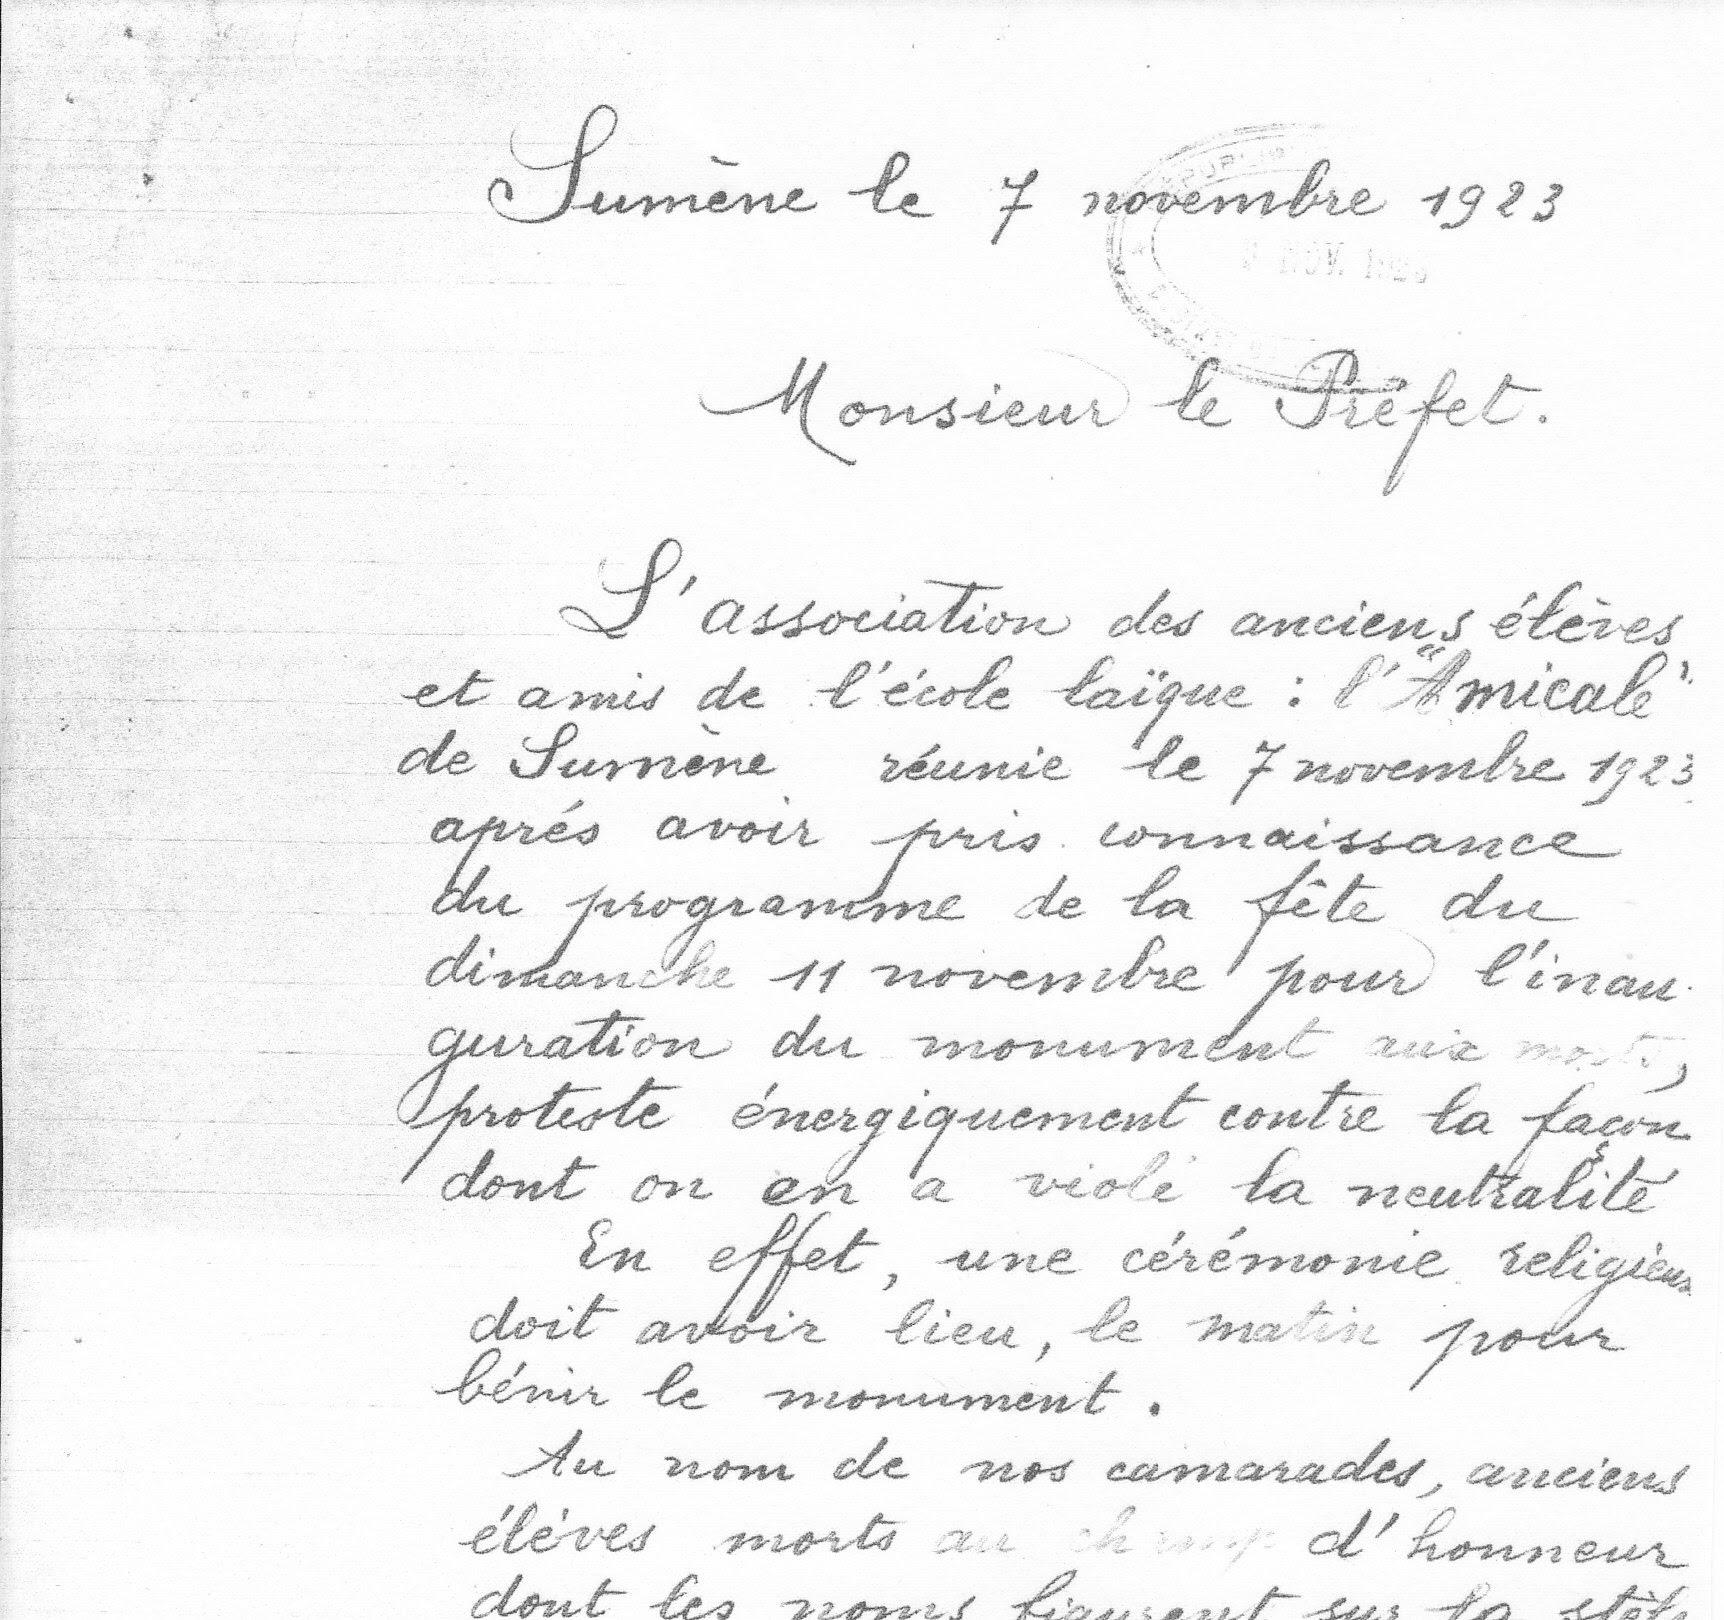 Sample Cover Letter: Exemple De Lettre De Amicale